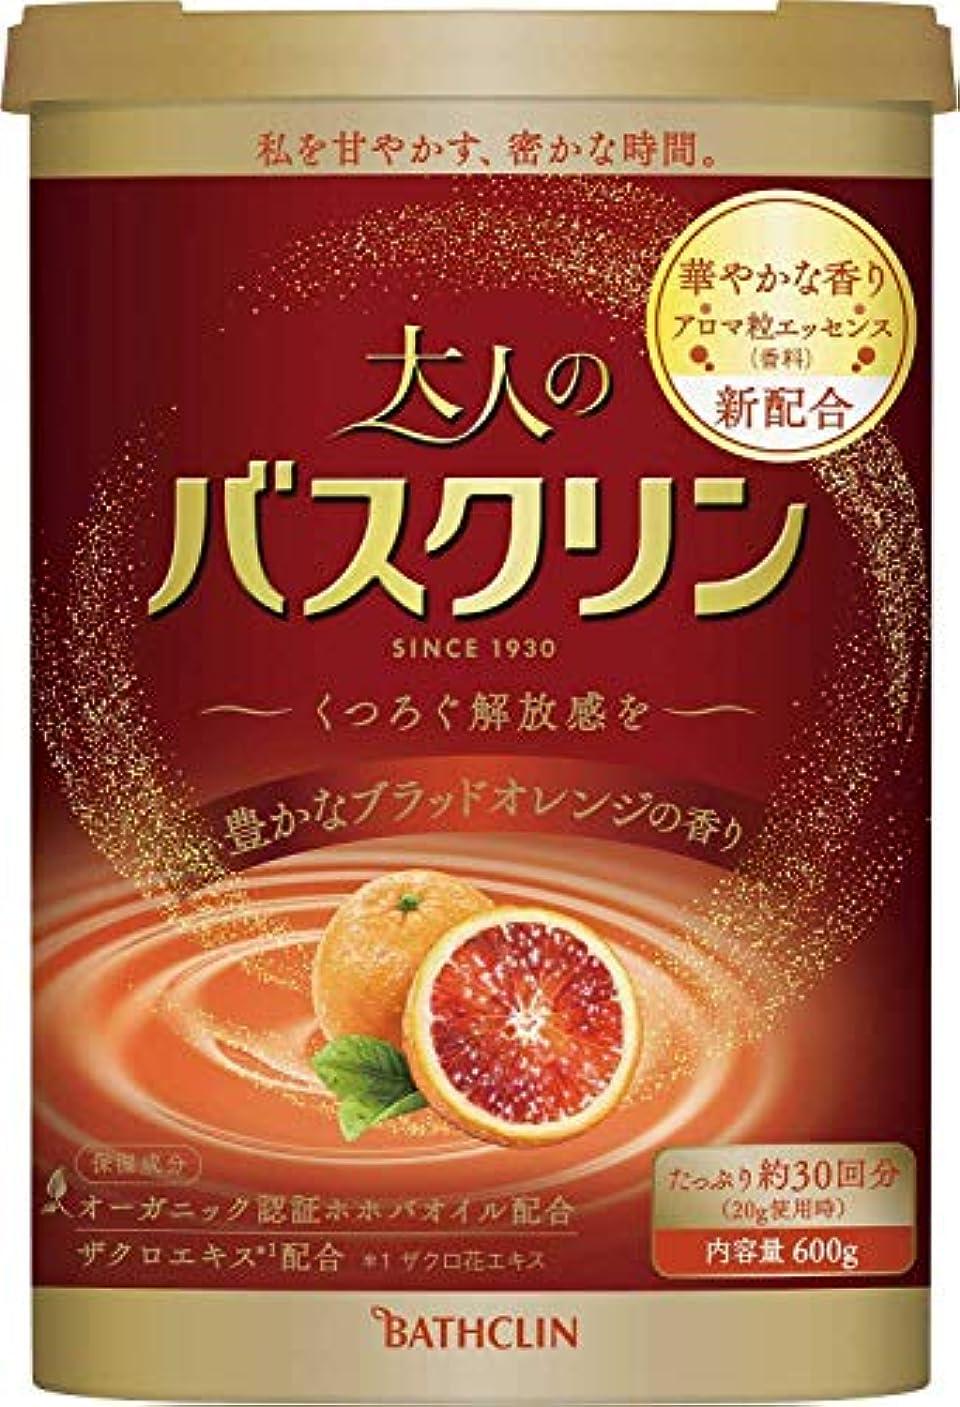 ただくすぐったい思われる大人のバスクリン豊かなブラッドオレンジの香り600g入浴剤(約30回分)